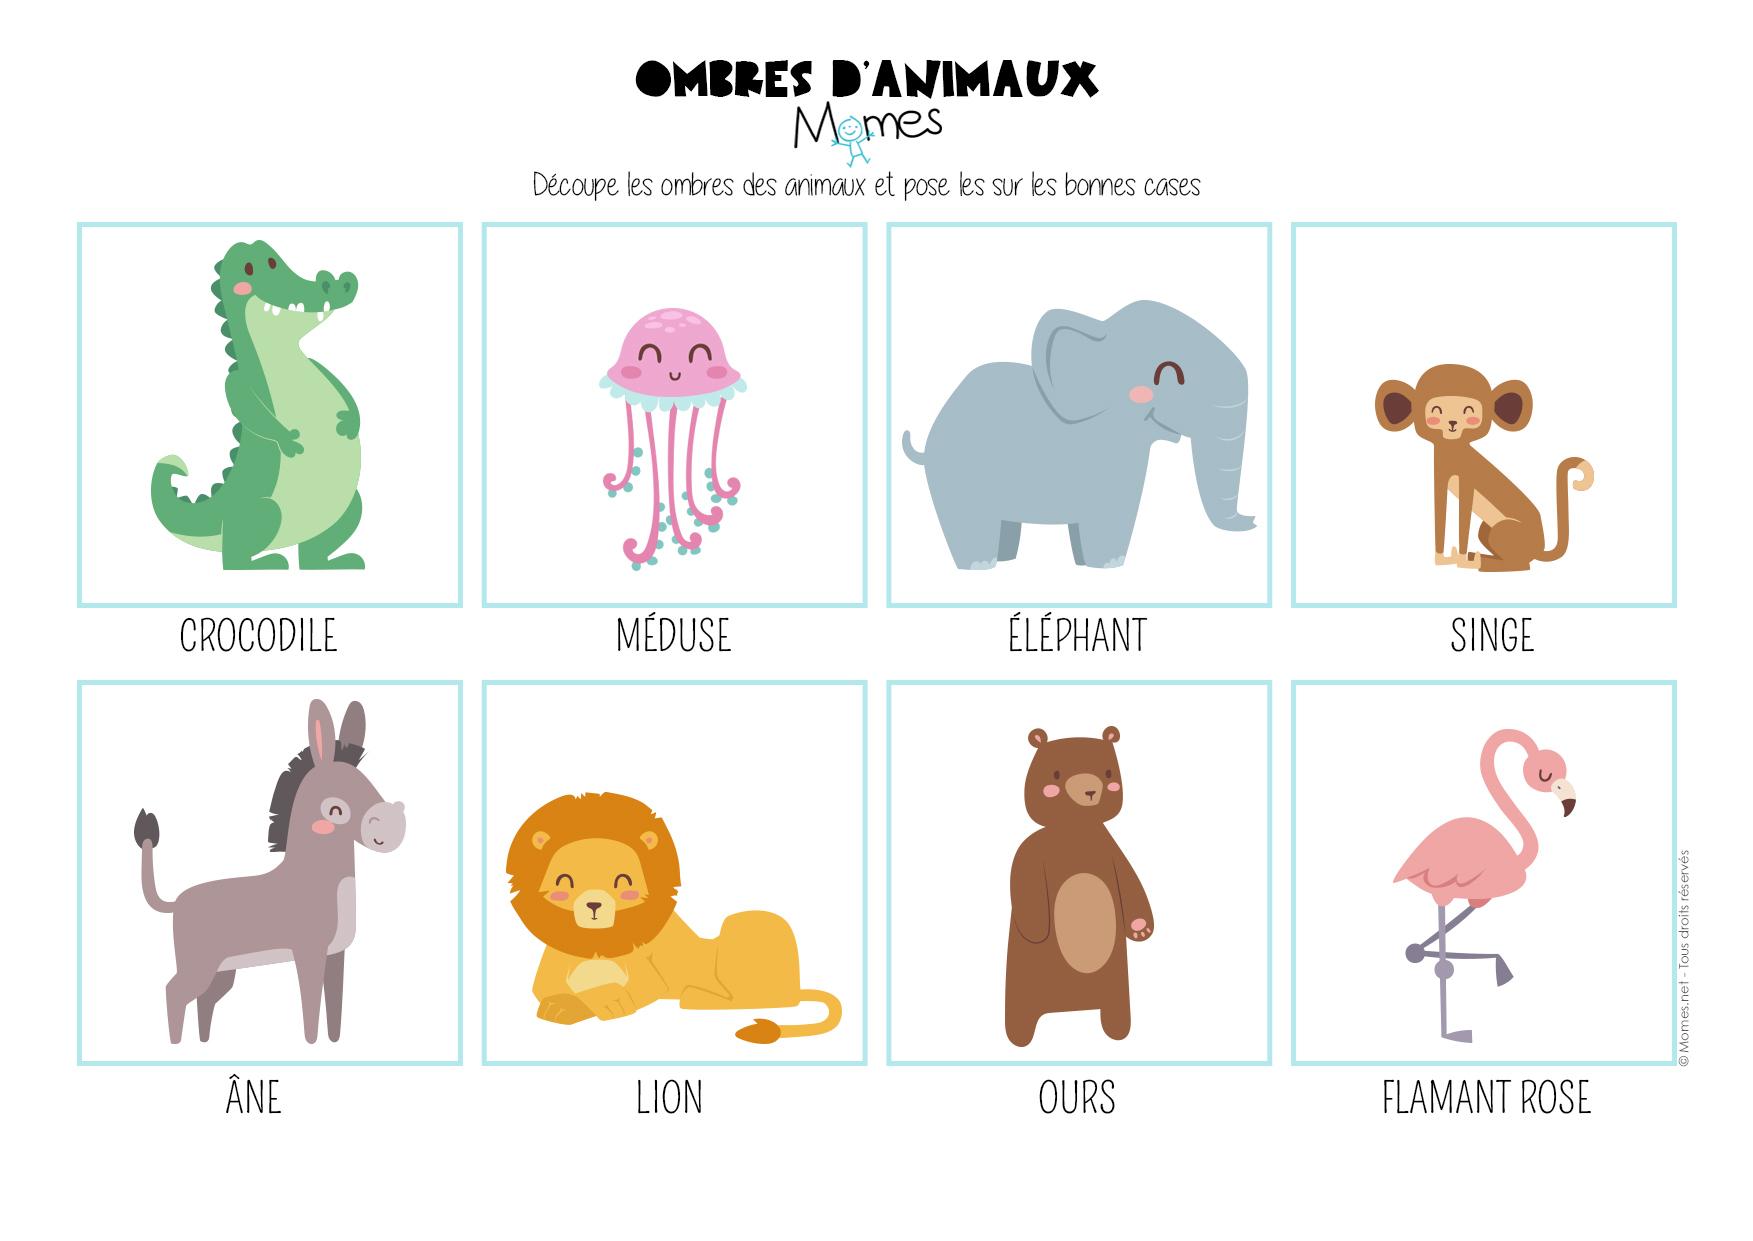 Le Jeu Des Ombres D'animaux - Momes encequiconcerne Jeux À Imprimer 3 Ans